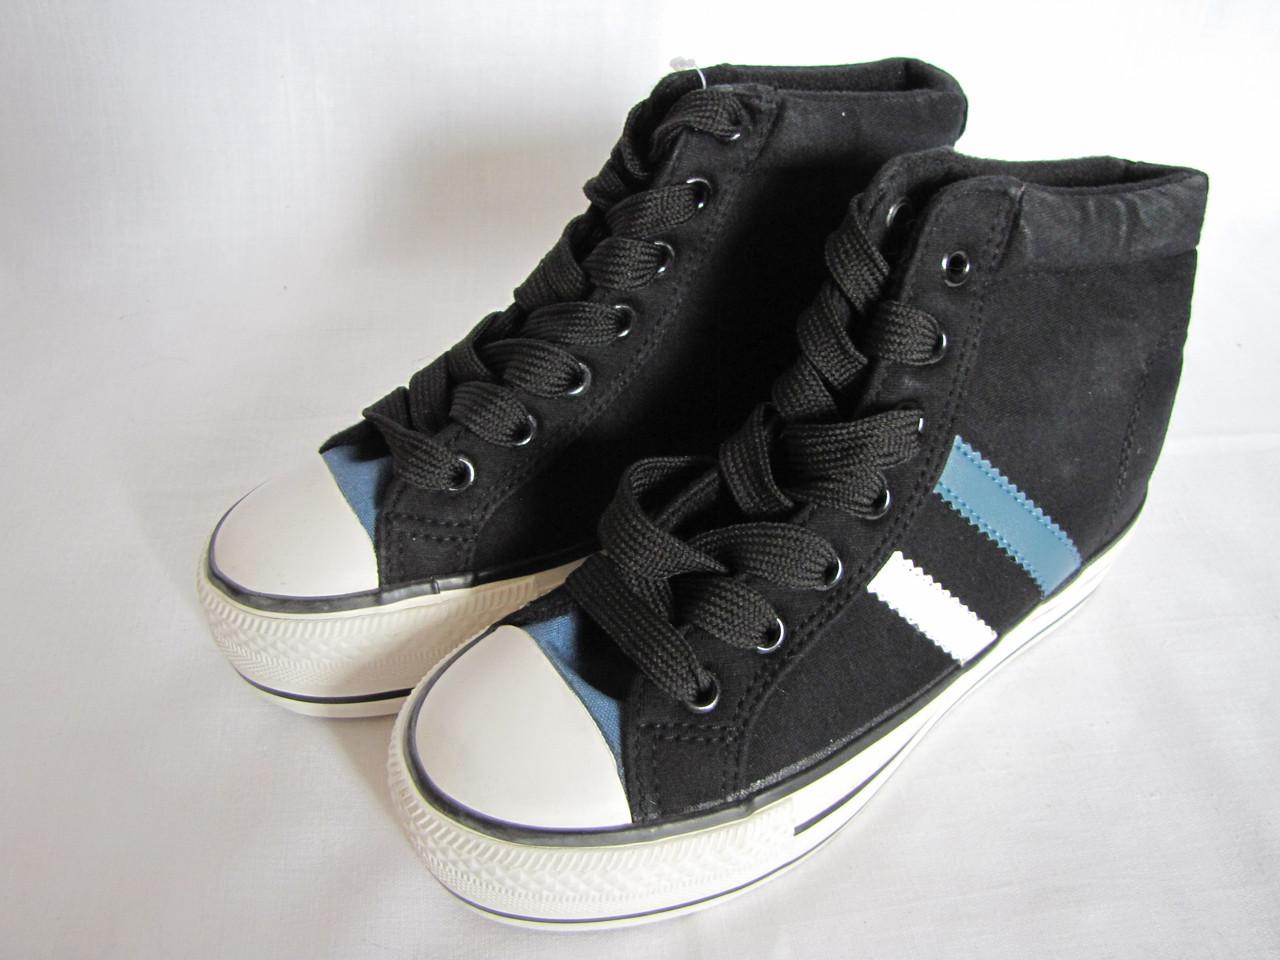 Кеды размер 37 черные+голубые 09019/03